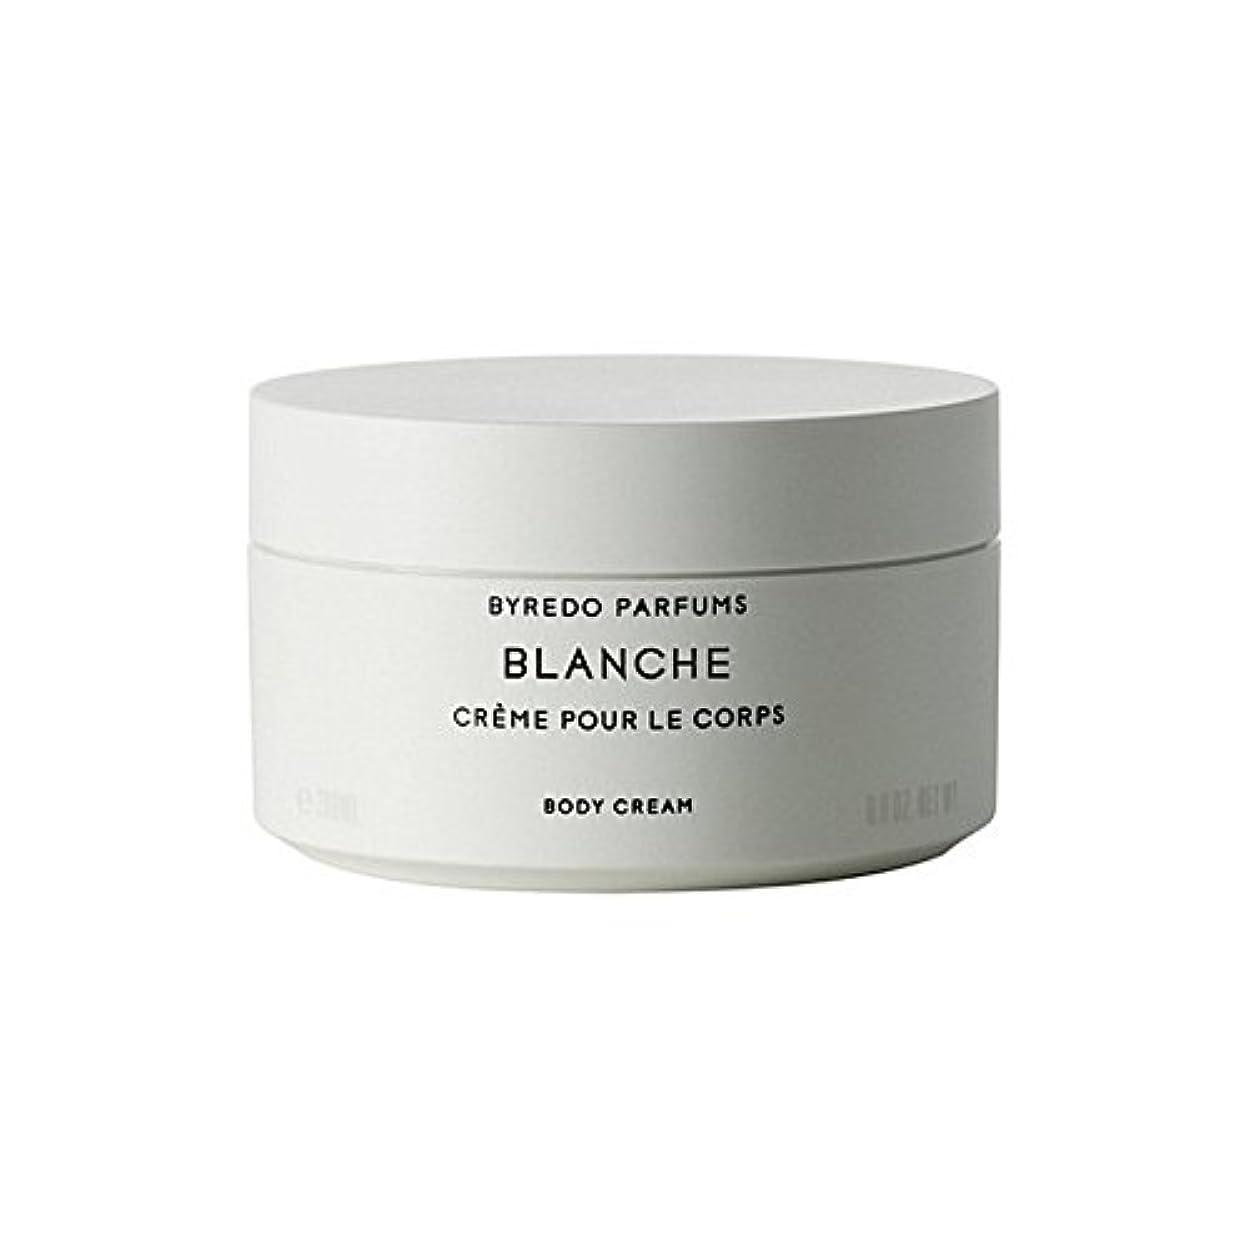 フラフープ中級カートンブランシュボディクリーム200ミリリットル x2 - Byredo Blanche Body Cream 200ml (Pack of 2) [並行輸入品]